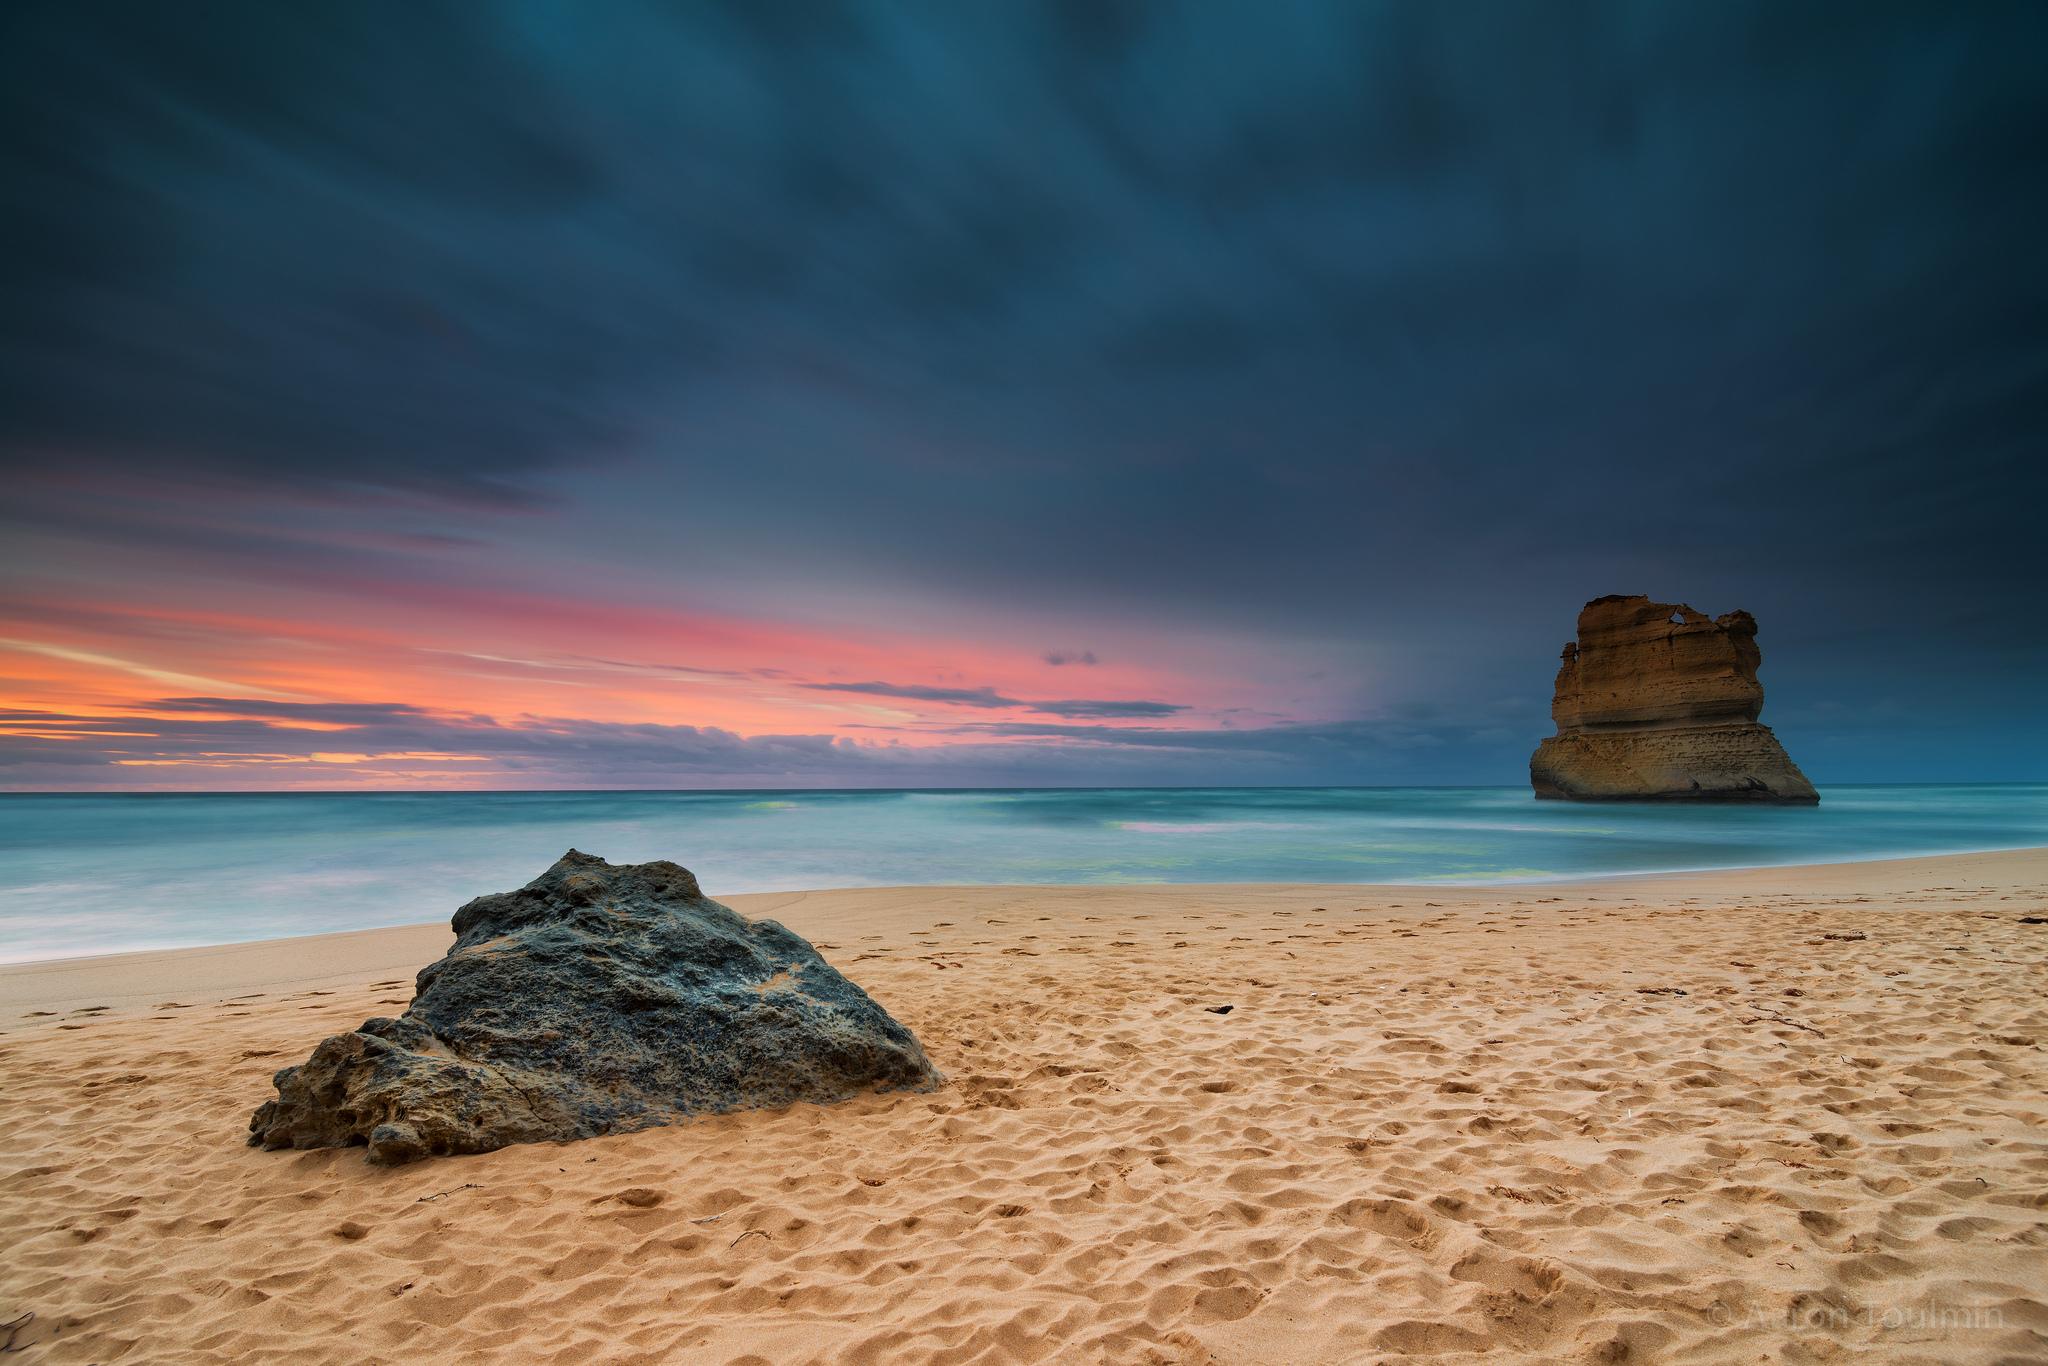 скалы берег песок  № 1185507 бесплатно